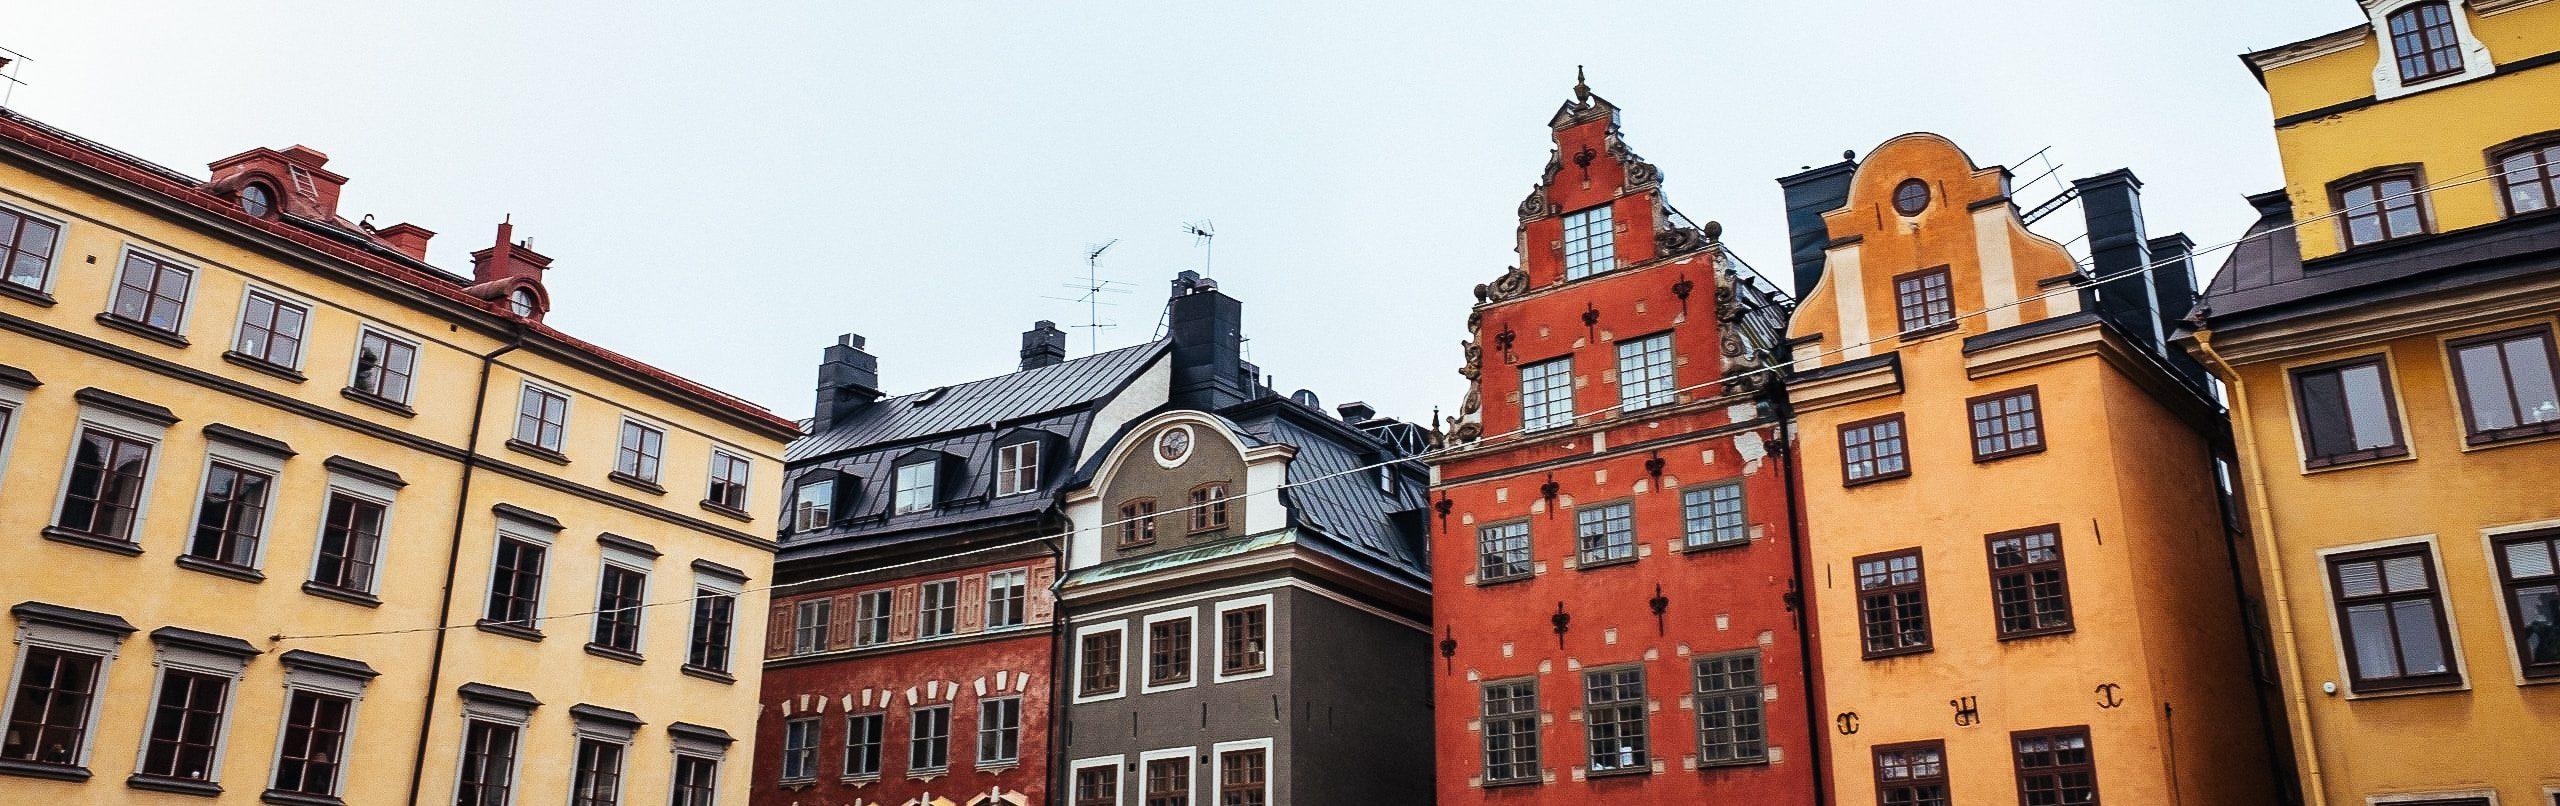 Куда пойти в Стокгольме в январе